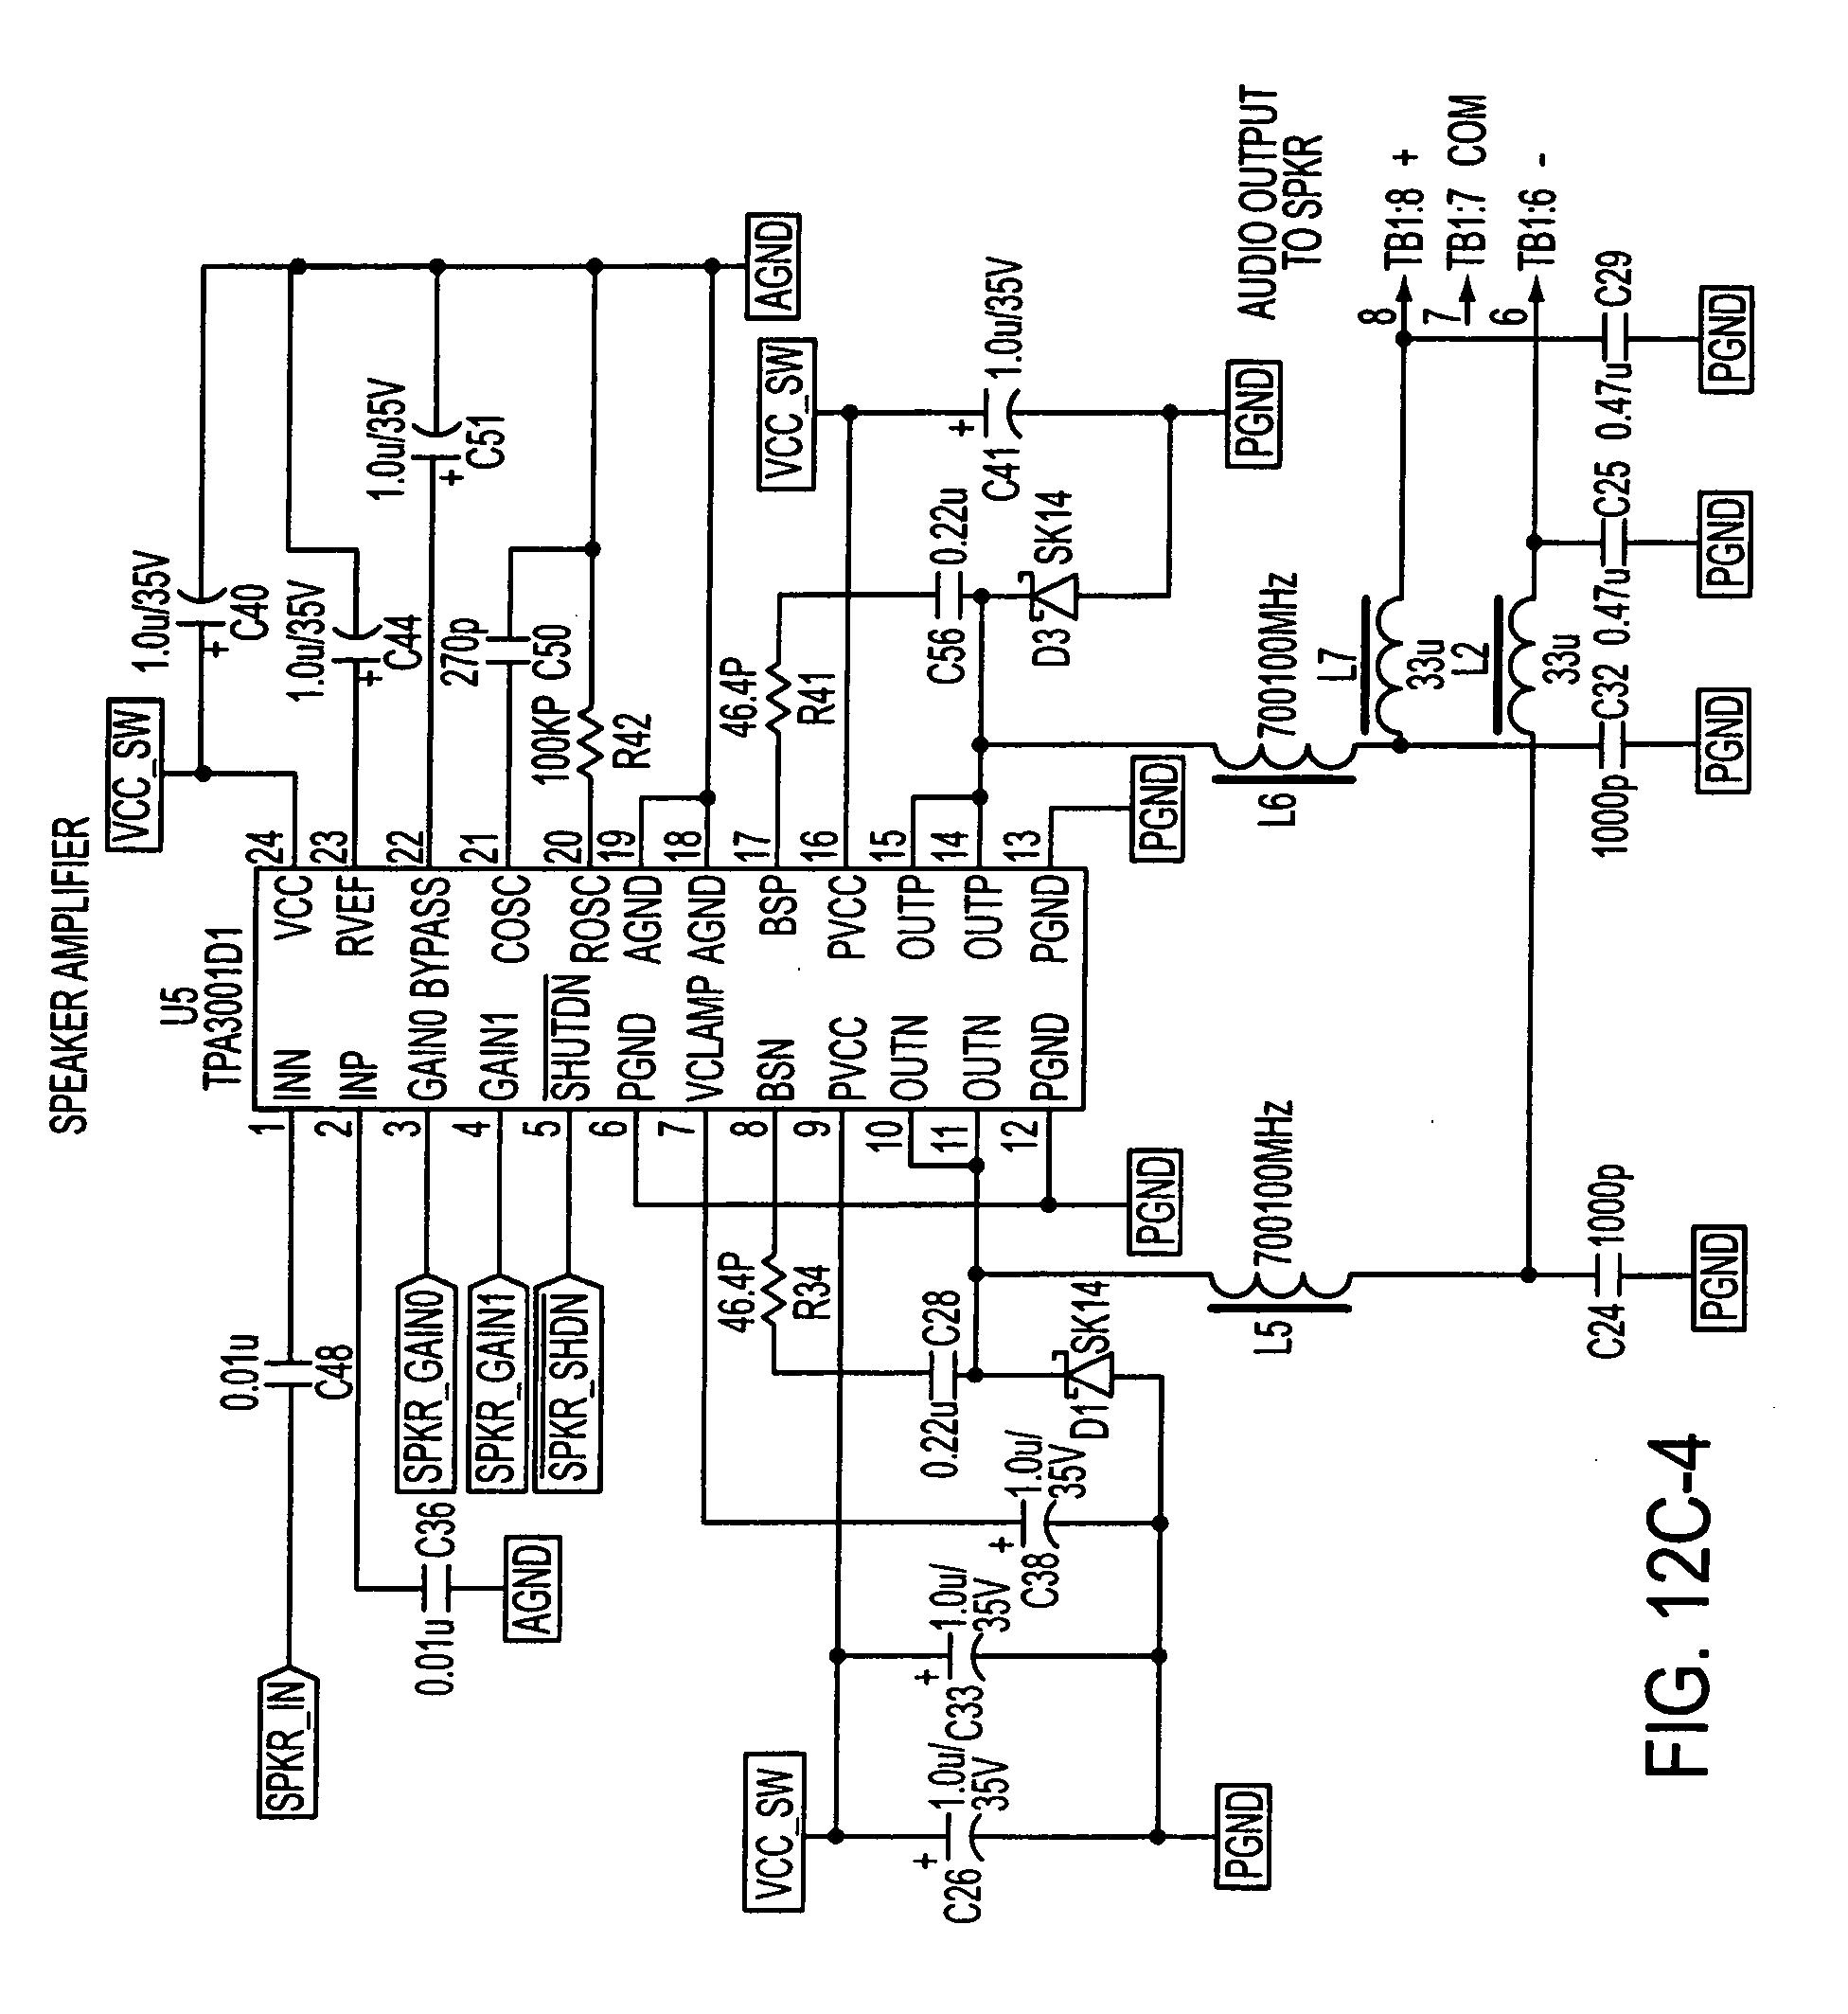 Gai Tronics Wiring Diagram : 26 Wiring Diagram Images